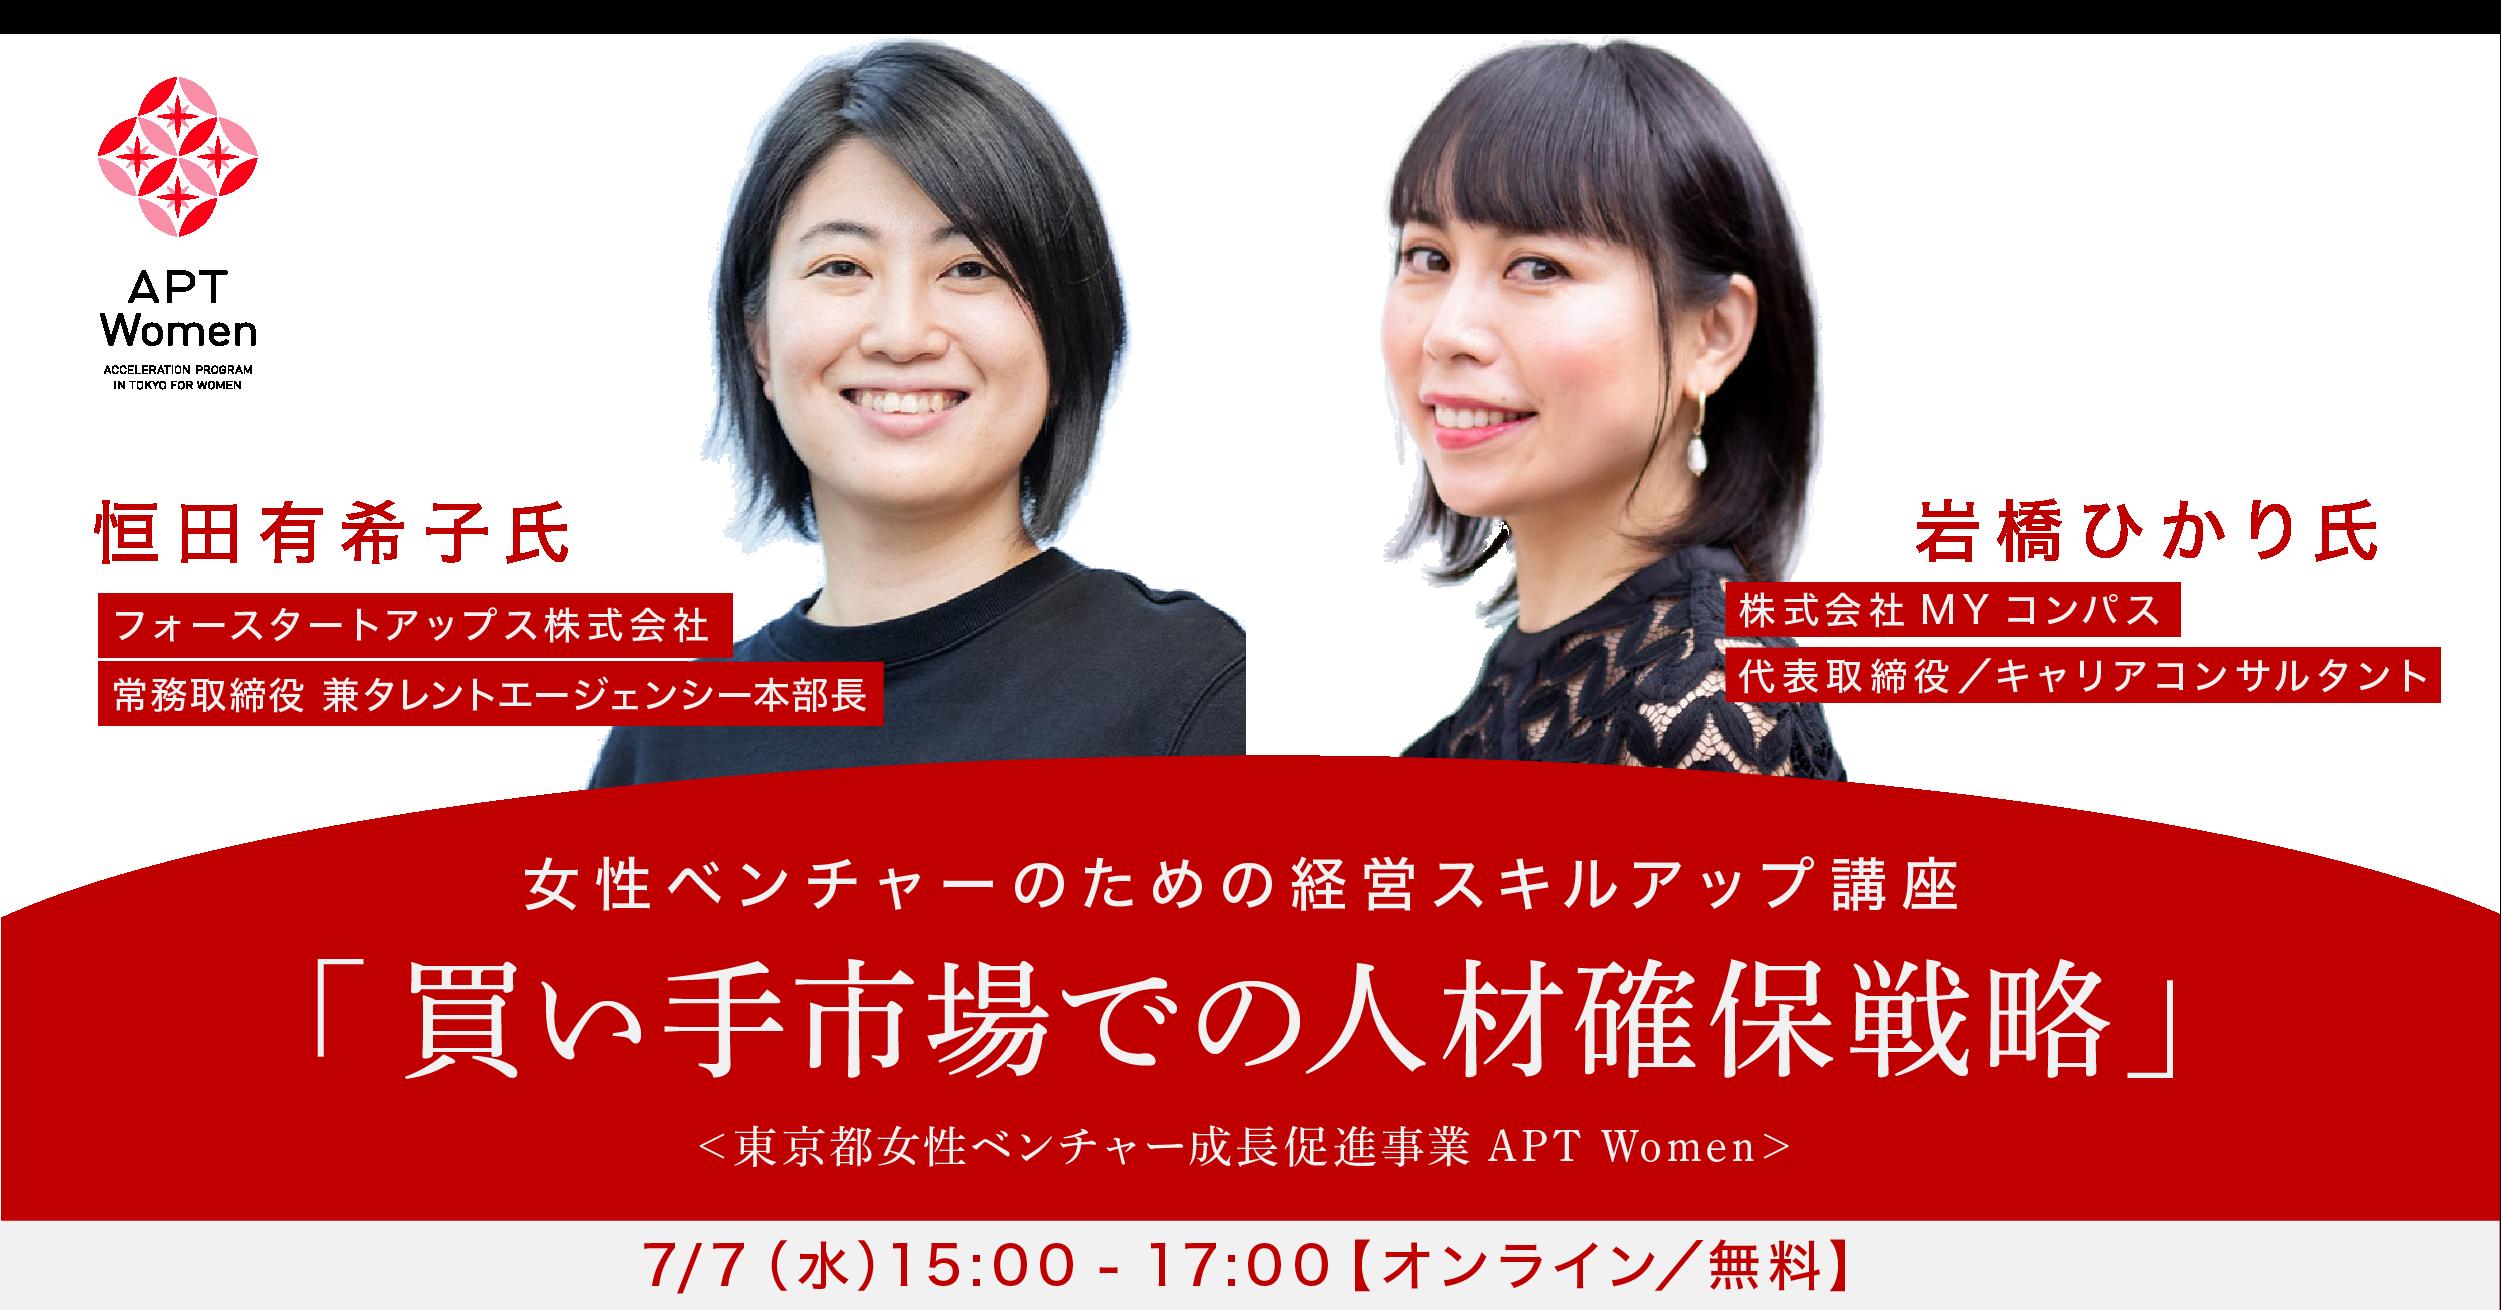 東京都女性成長ベンチャー促進事業APT Woman 育成講座「買い手市場での人材確保戦略」にて、当社 常務取締役 恒田有希子が登壇いたします